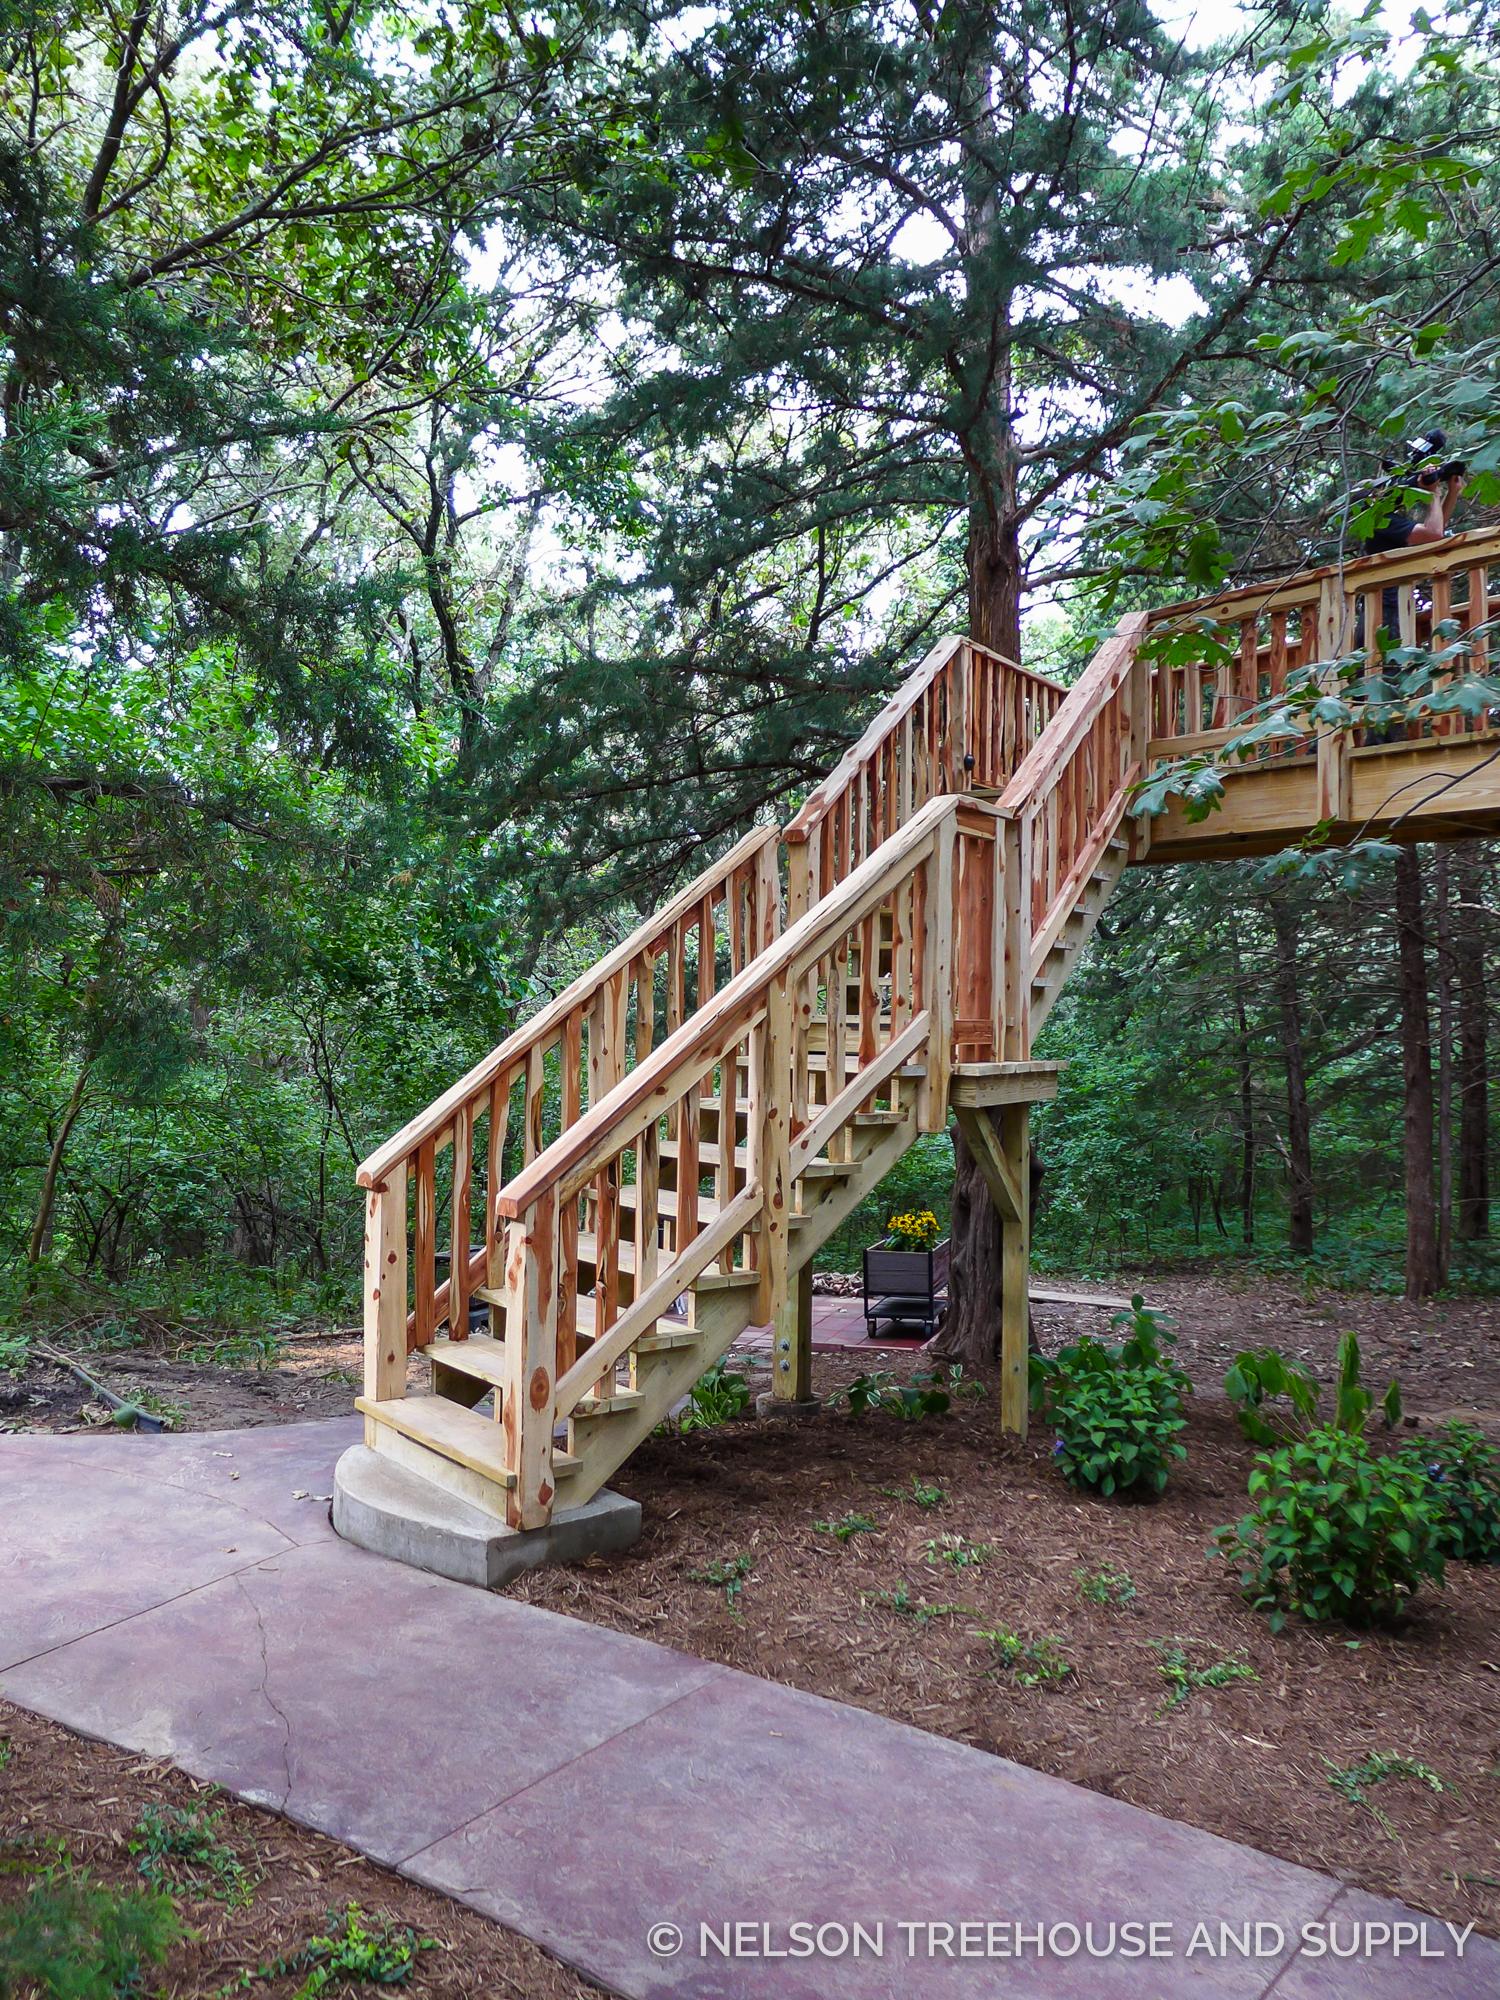 Nelson Treehouse Fairytale